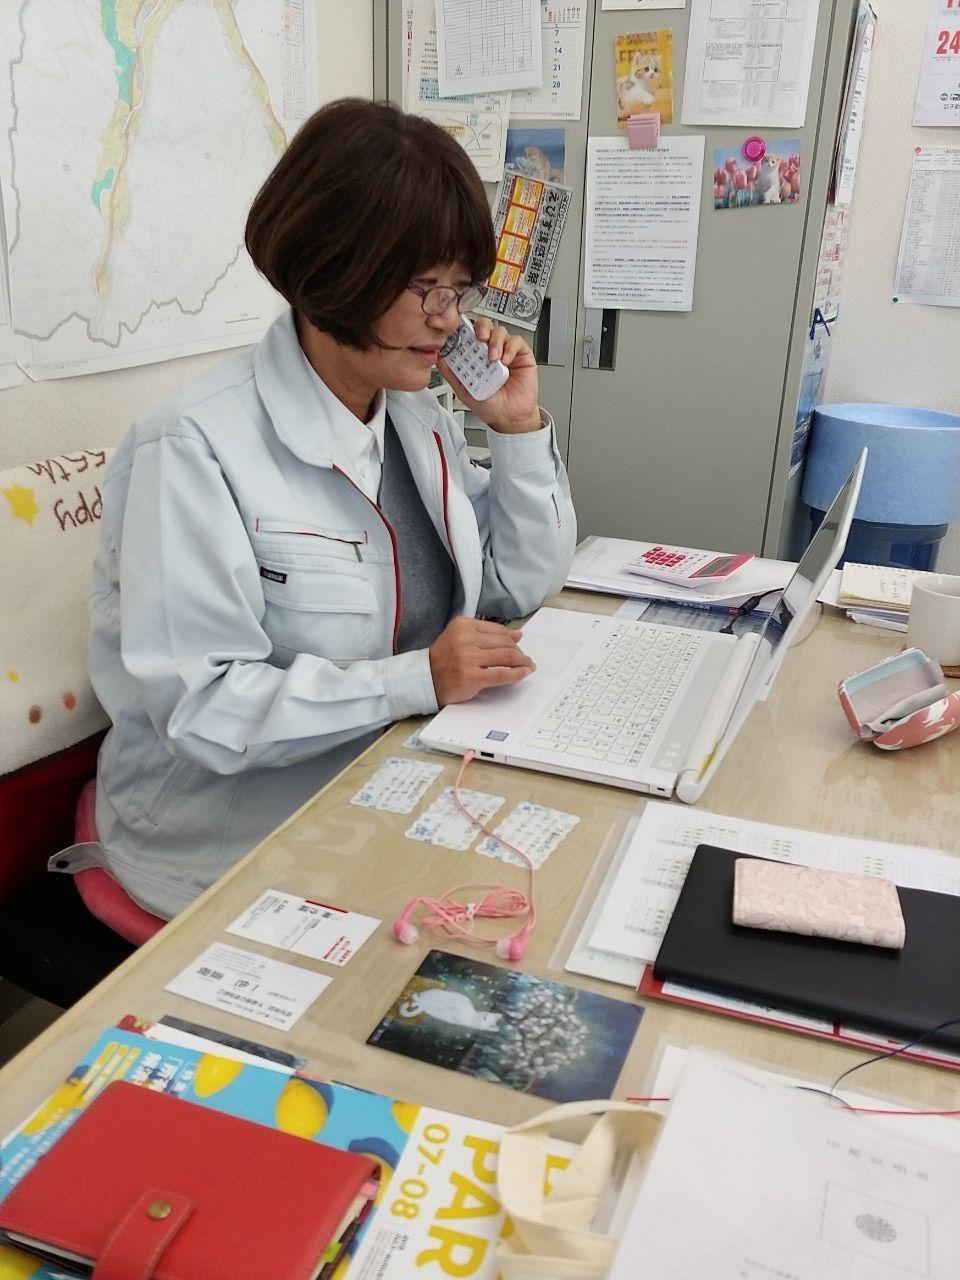 スタッフ紹介第3弾は、当社のお母さん!!矢島洋子さんですヽ(´▽`)/保育士免許もお持ちの矢島さんは不動産業20年の経歴。陽気な人柄とマシンガントークで、相手の心をぐっと掴む頼もしいスタッフです✩